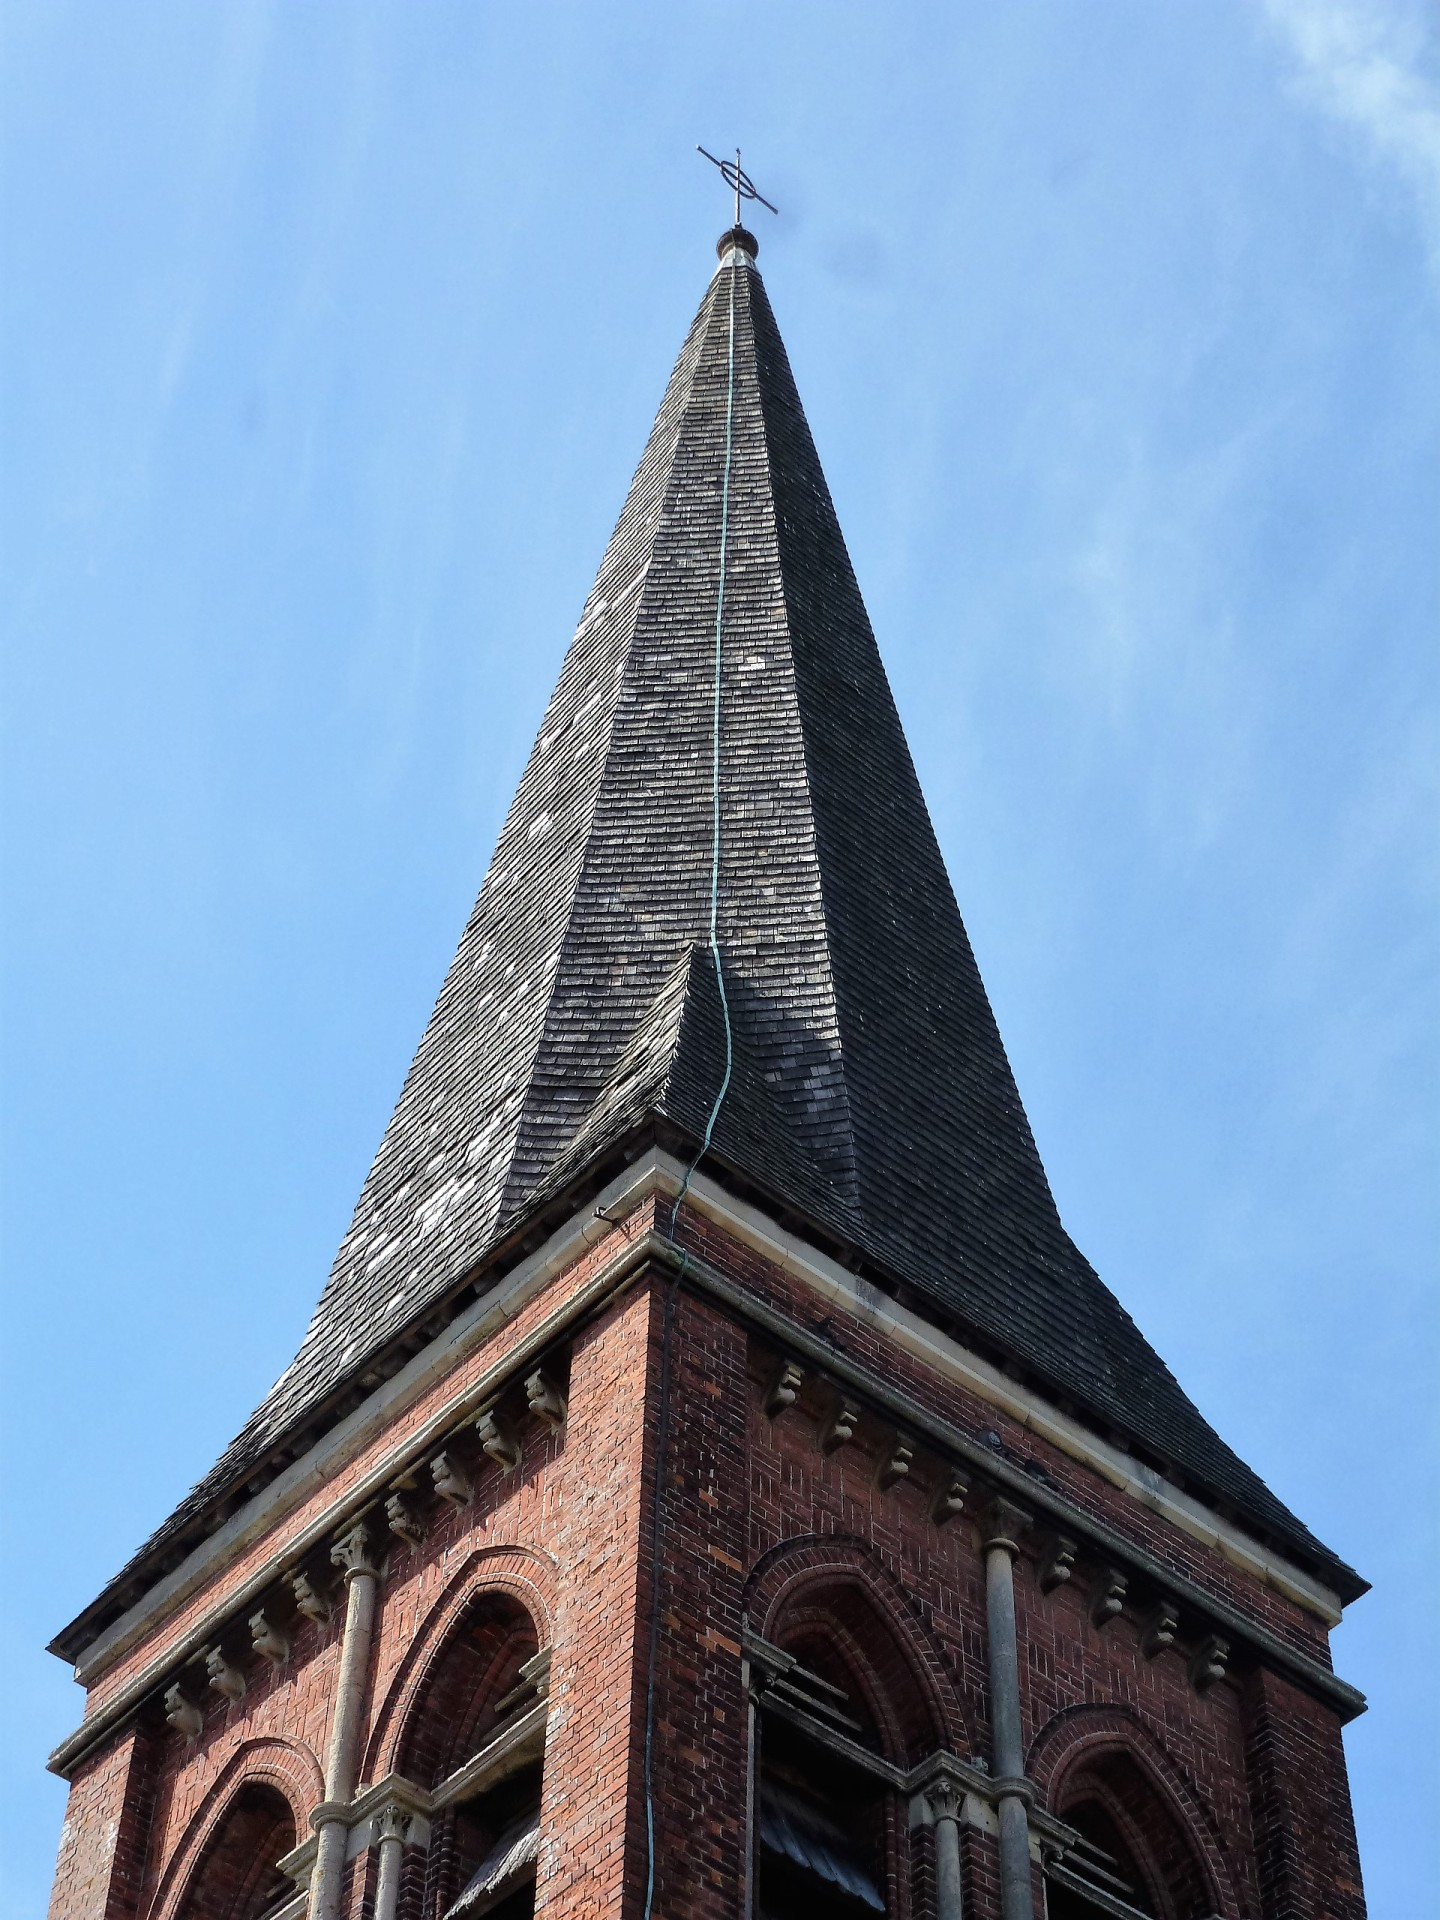 St. Botolph's, Heene, spire, 4.5.16